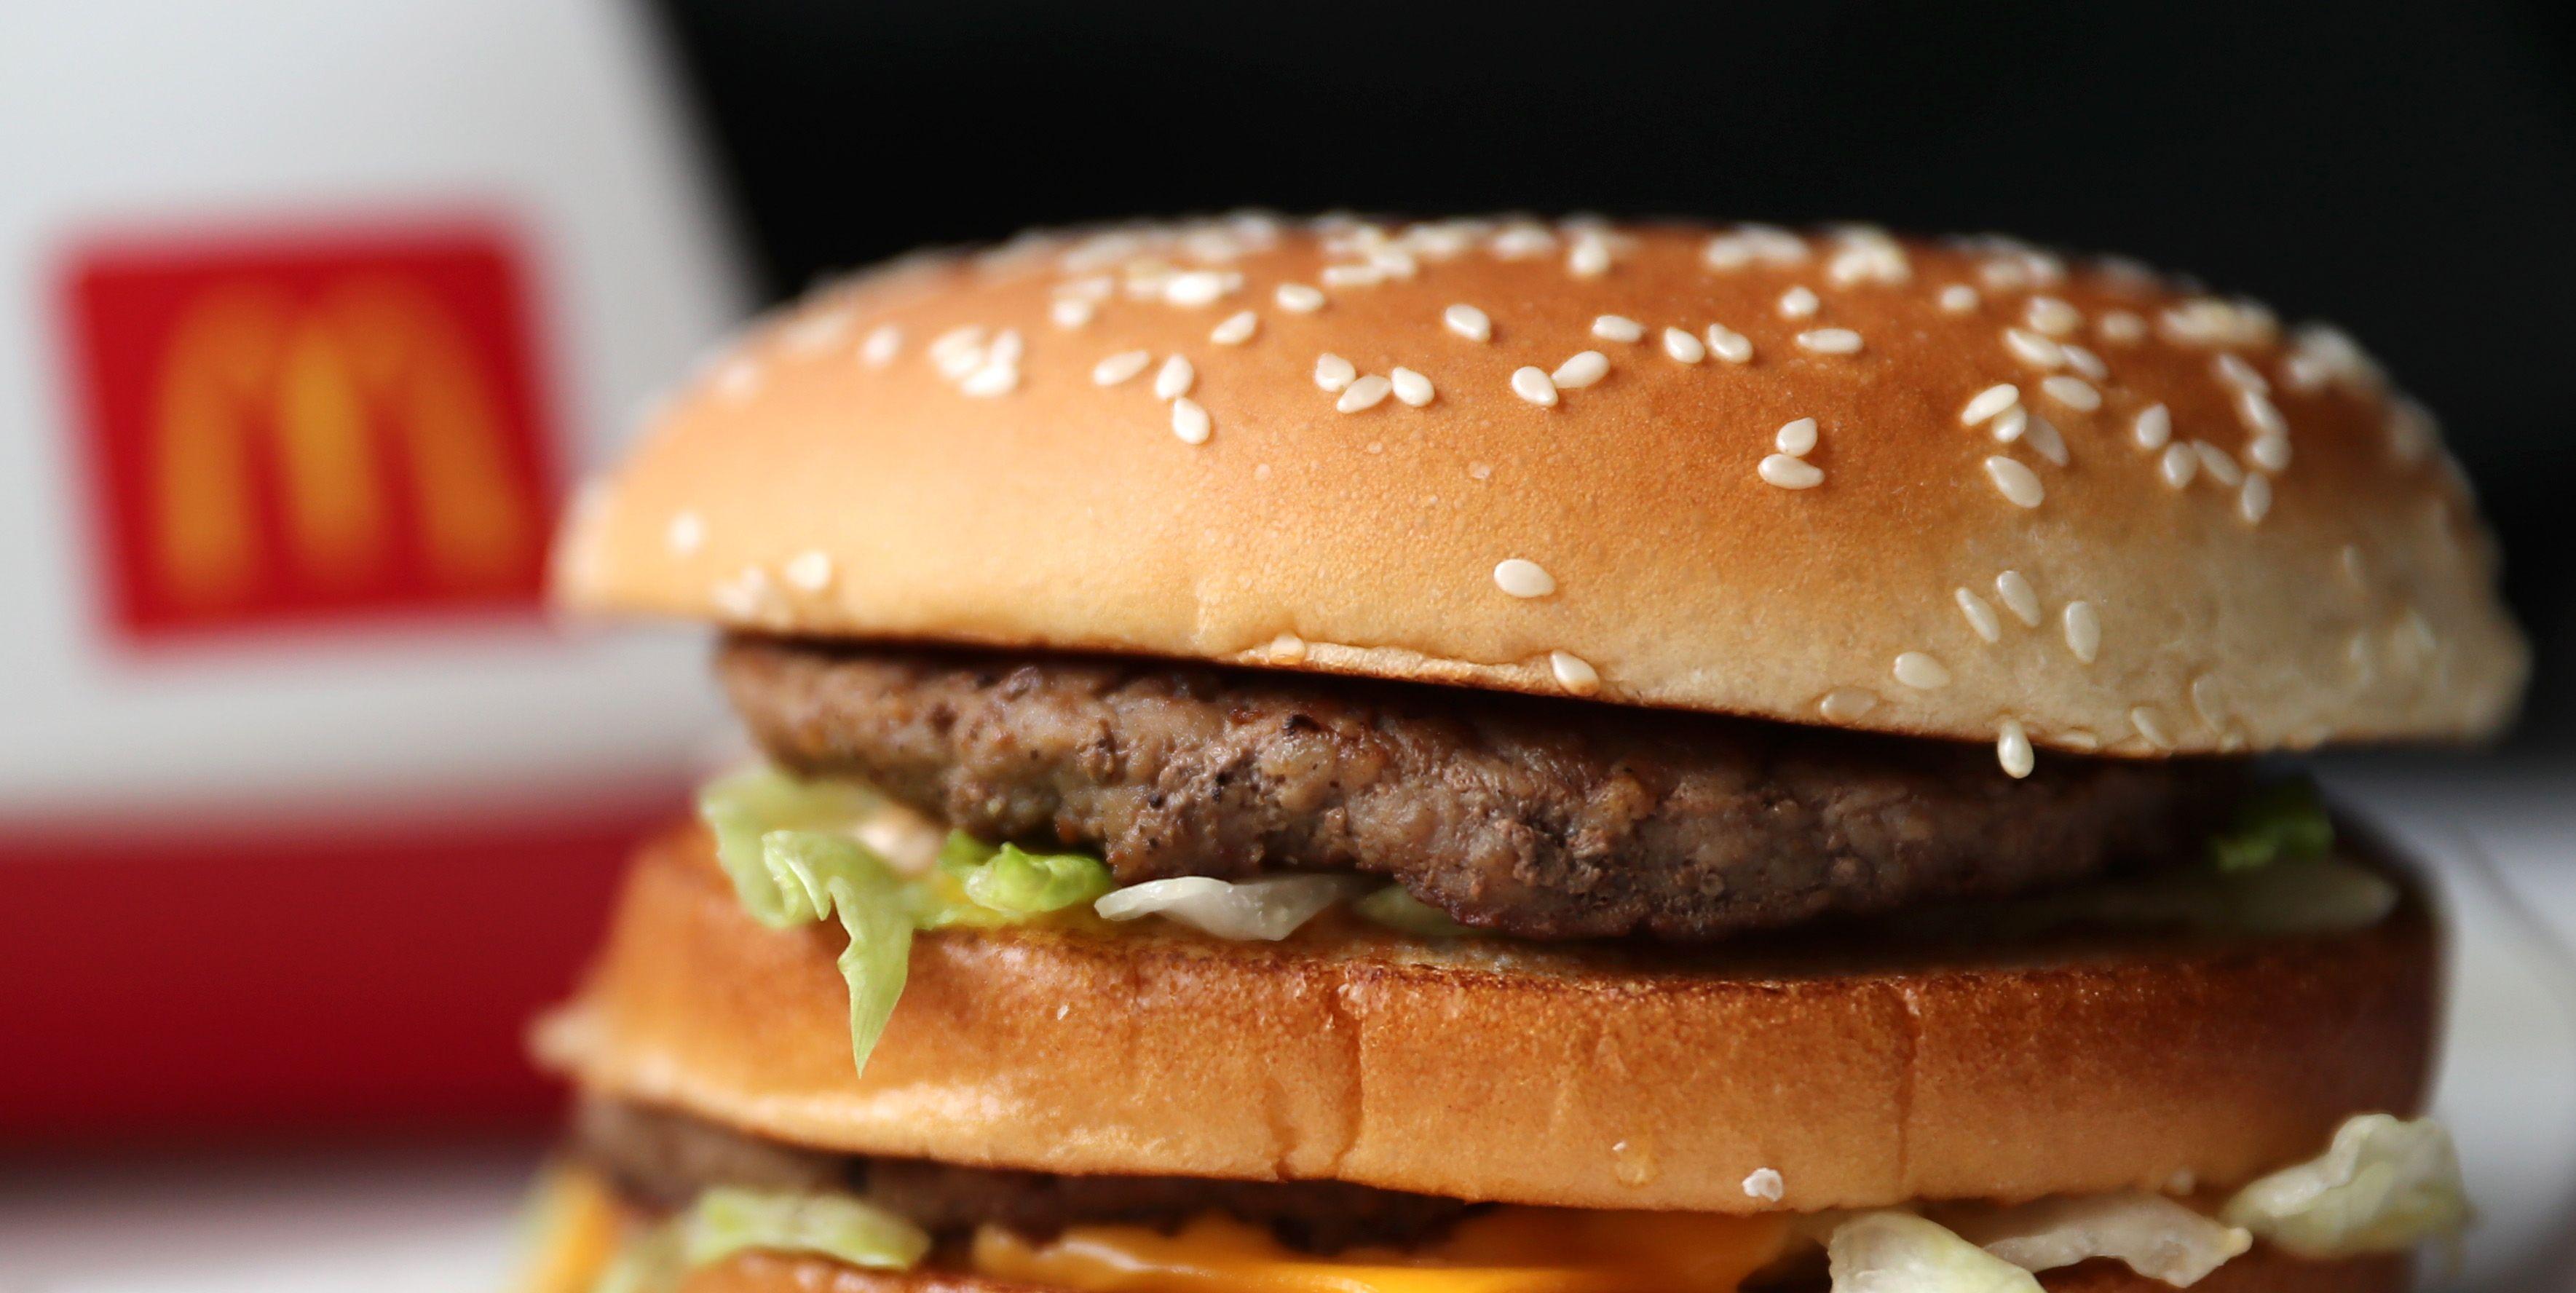 DoorDash Is Offering $5 Off Your McDonald's Order